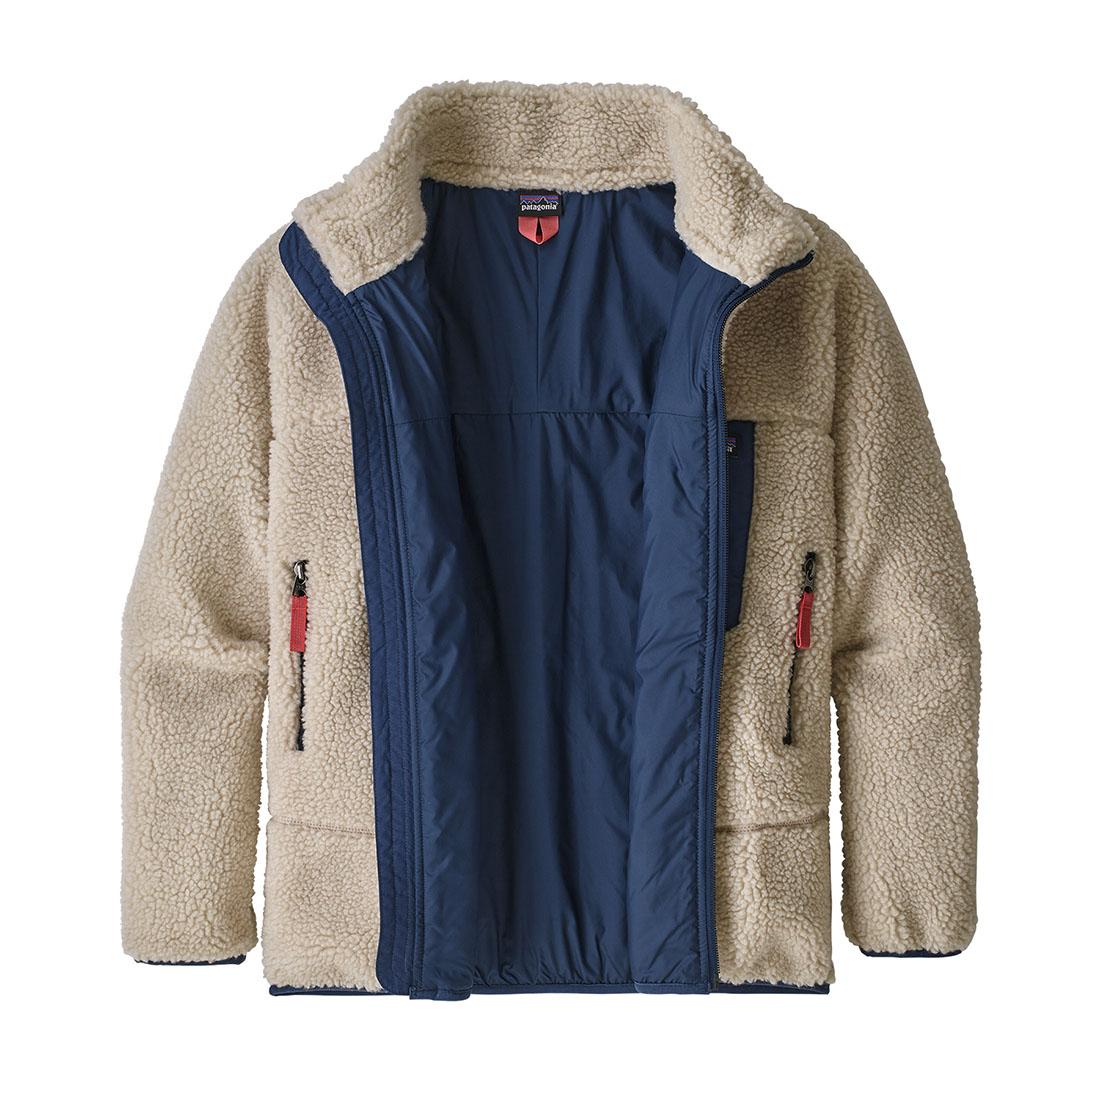 パタゴニア patagonia キッズ Kid's Retro-X Jacket(XS M)キッズ・レトロX・ジャケット アウター メール便不可 65625